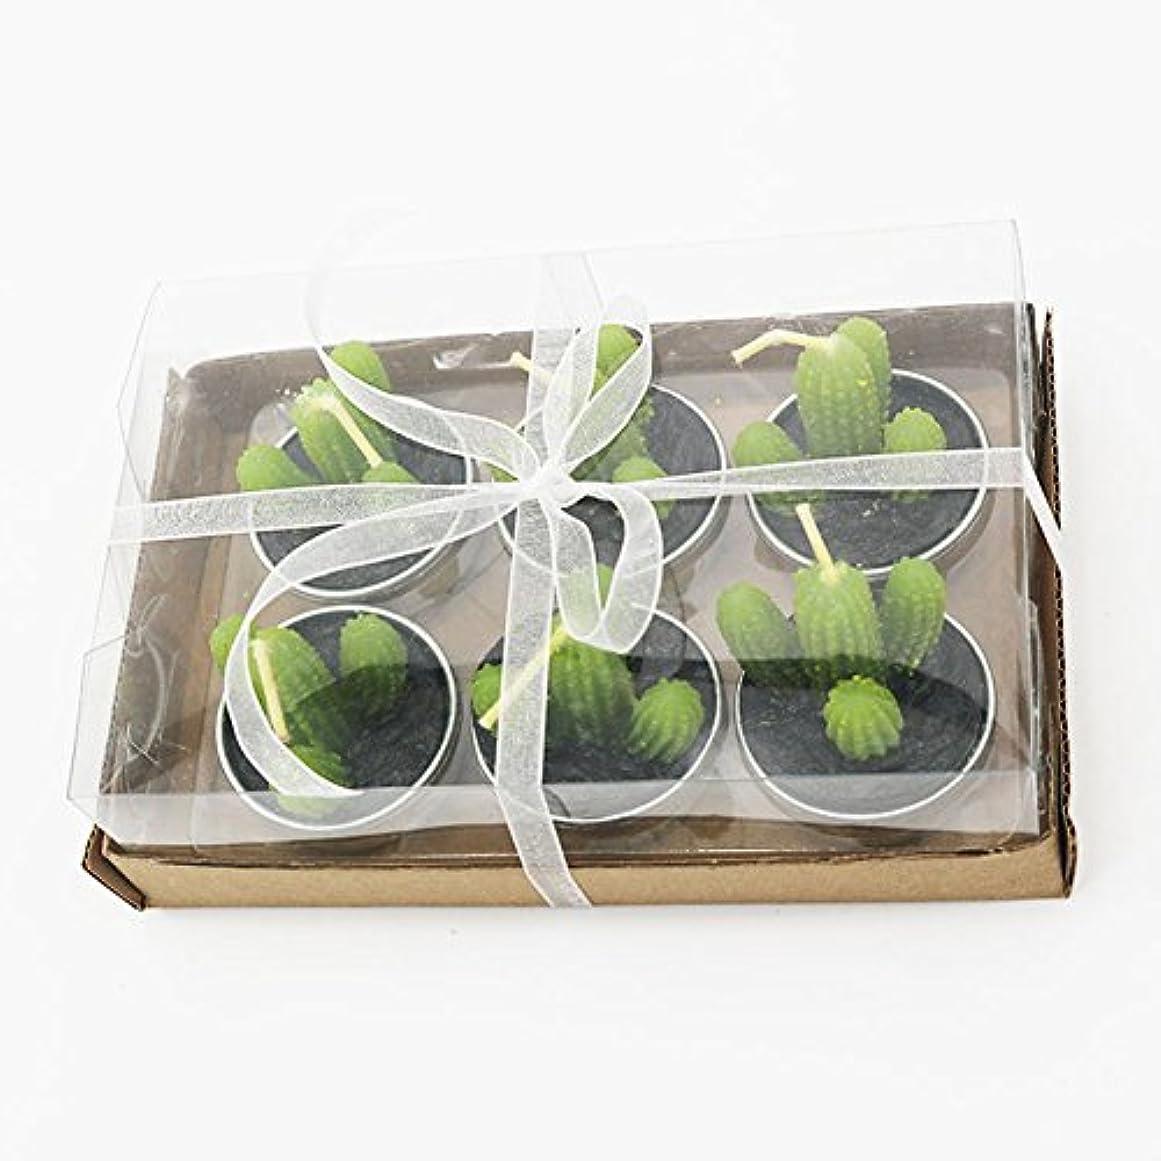 文明化するケーキエンドテーブルLiebeye キャンドル 多肉植物スモークフリーのクリエイティブなキャンドル100%自然のワックスかわいい模造植物フルーツの形状低温キャンドル 6個/箱 カクタス?ボックス